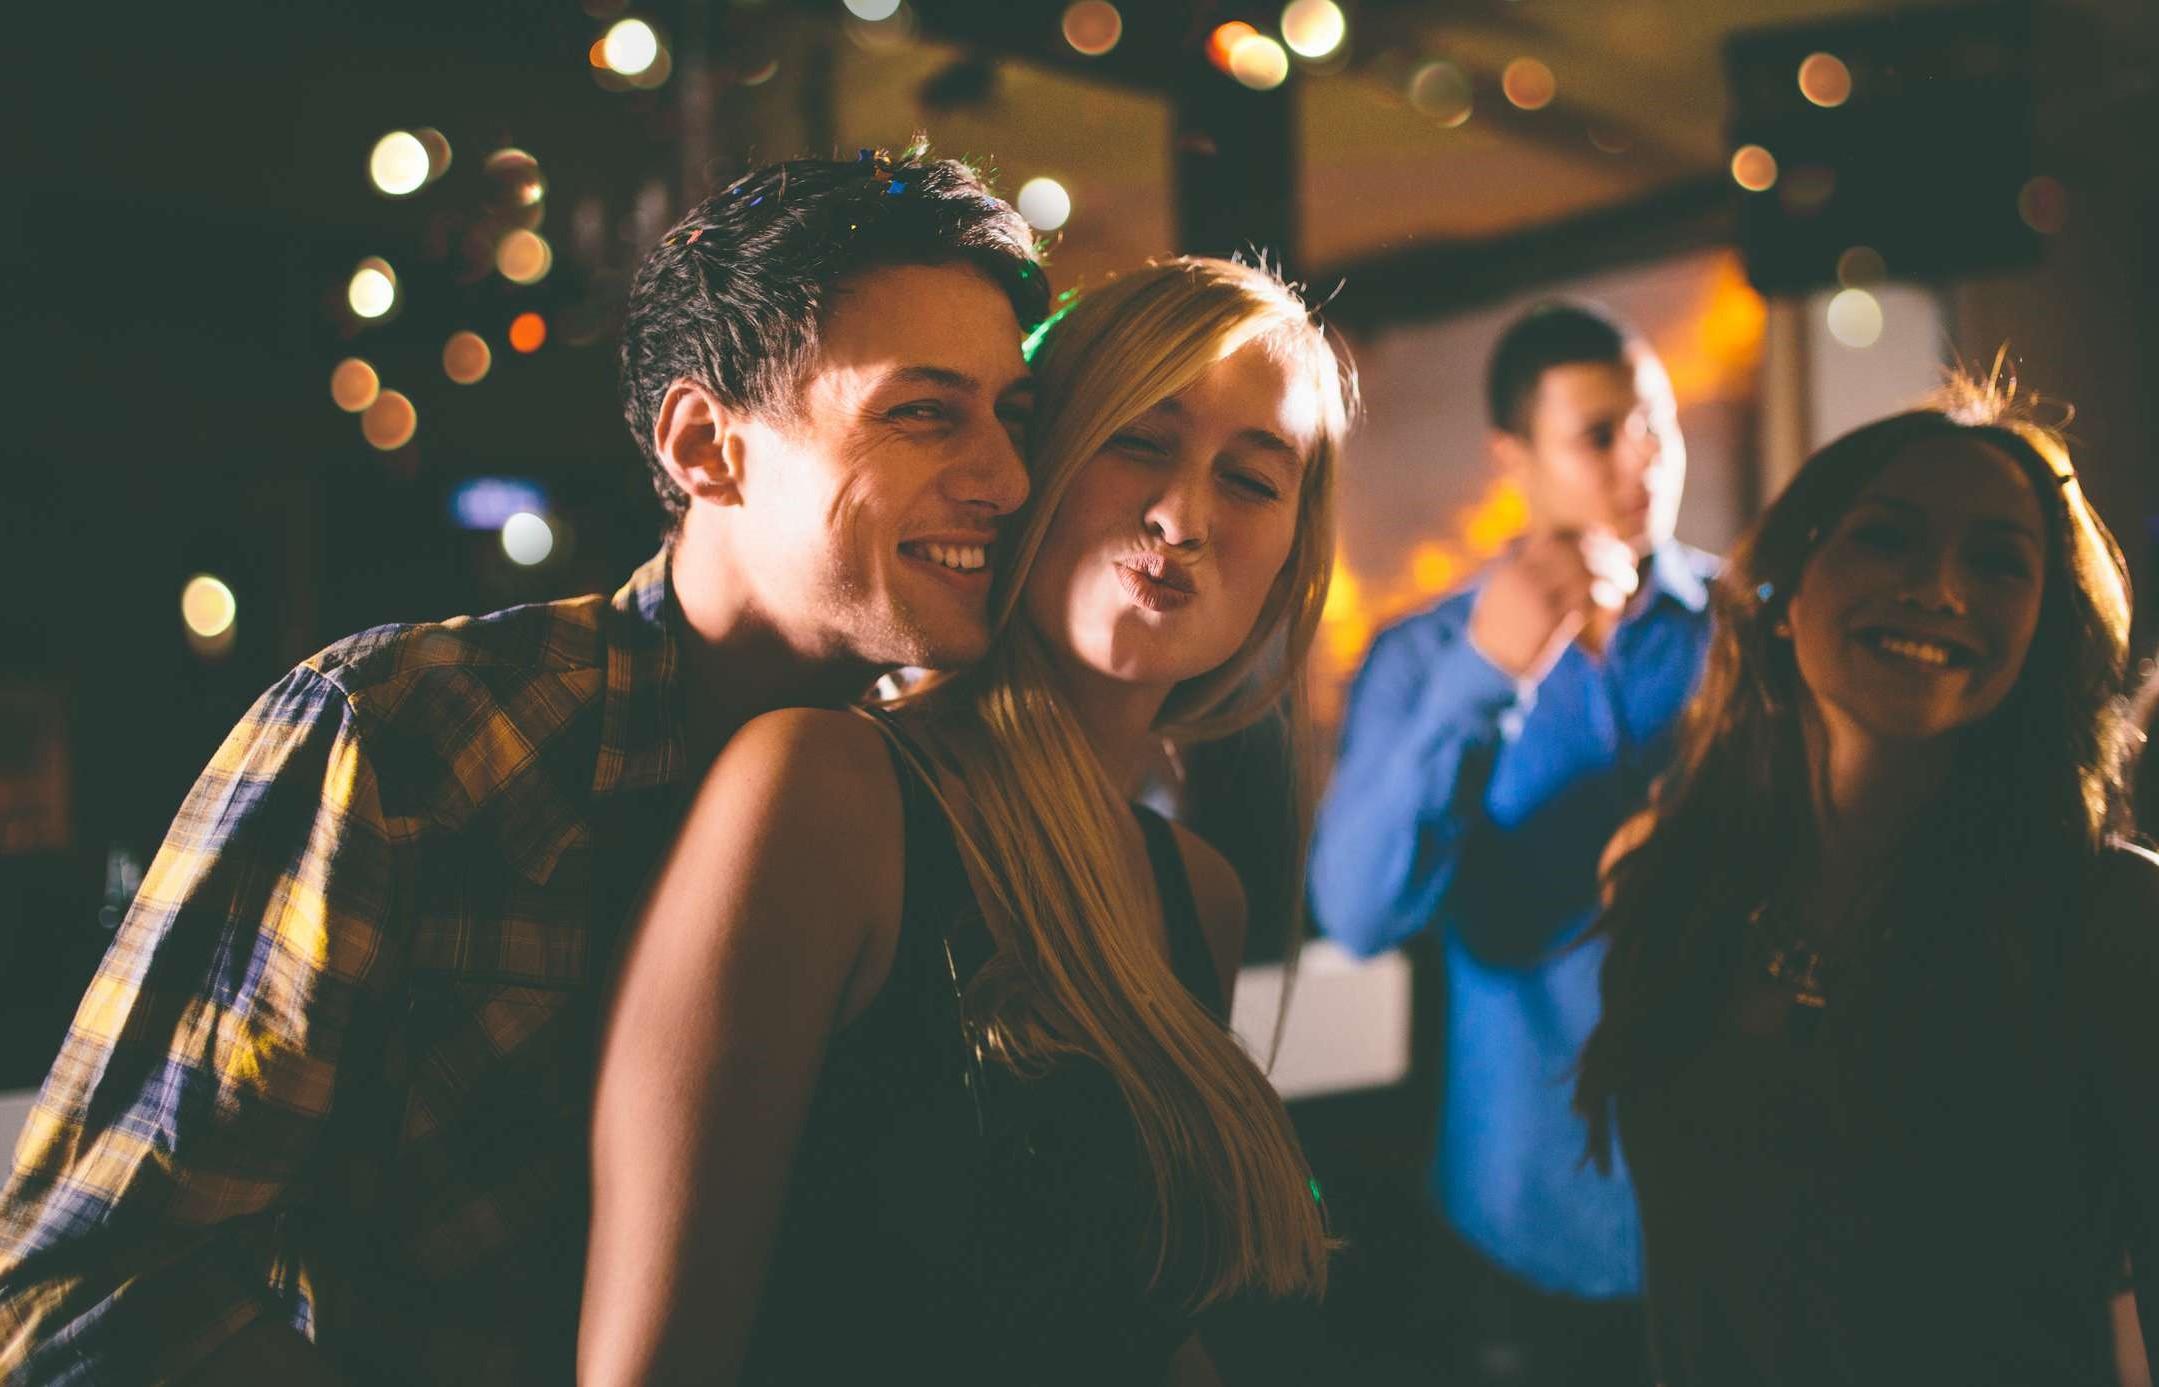 Allez danser ensemble et amusez-vous!